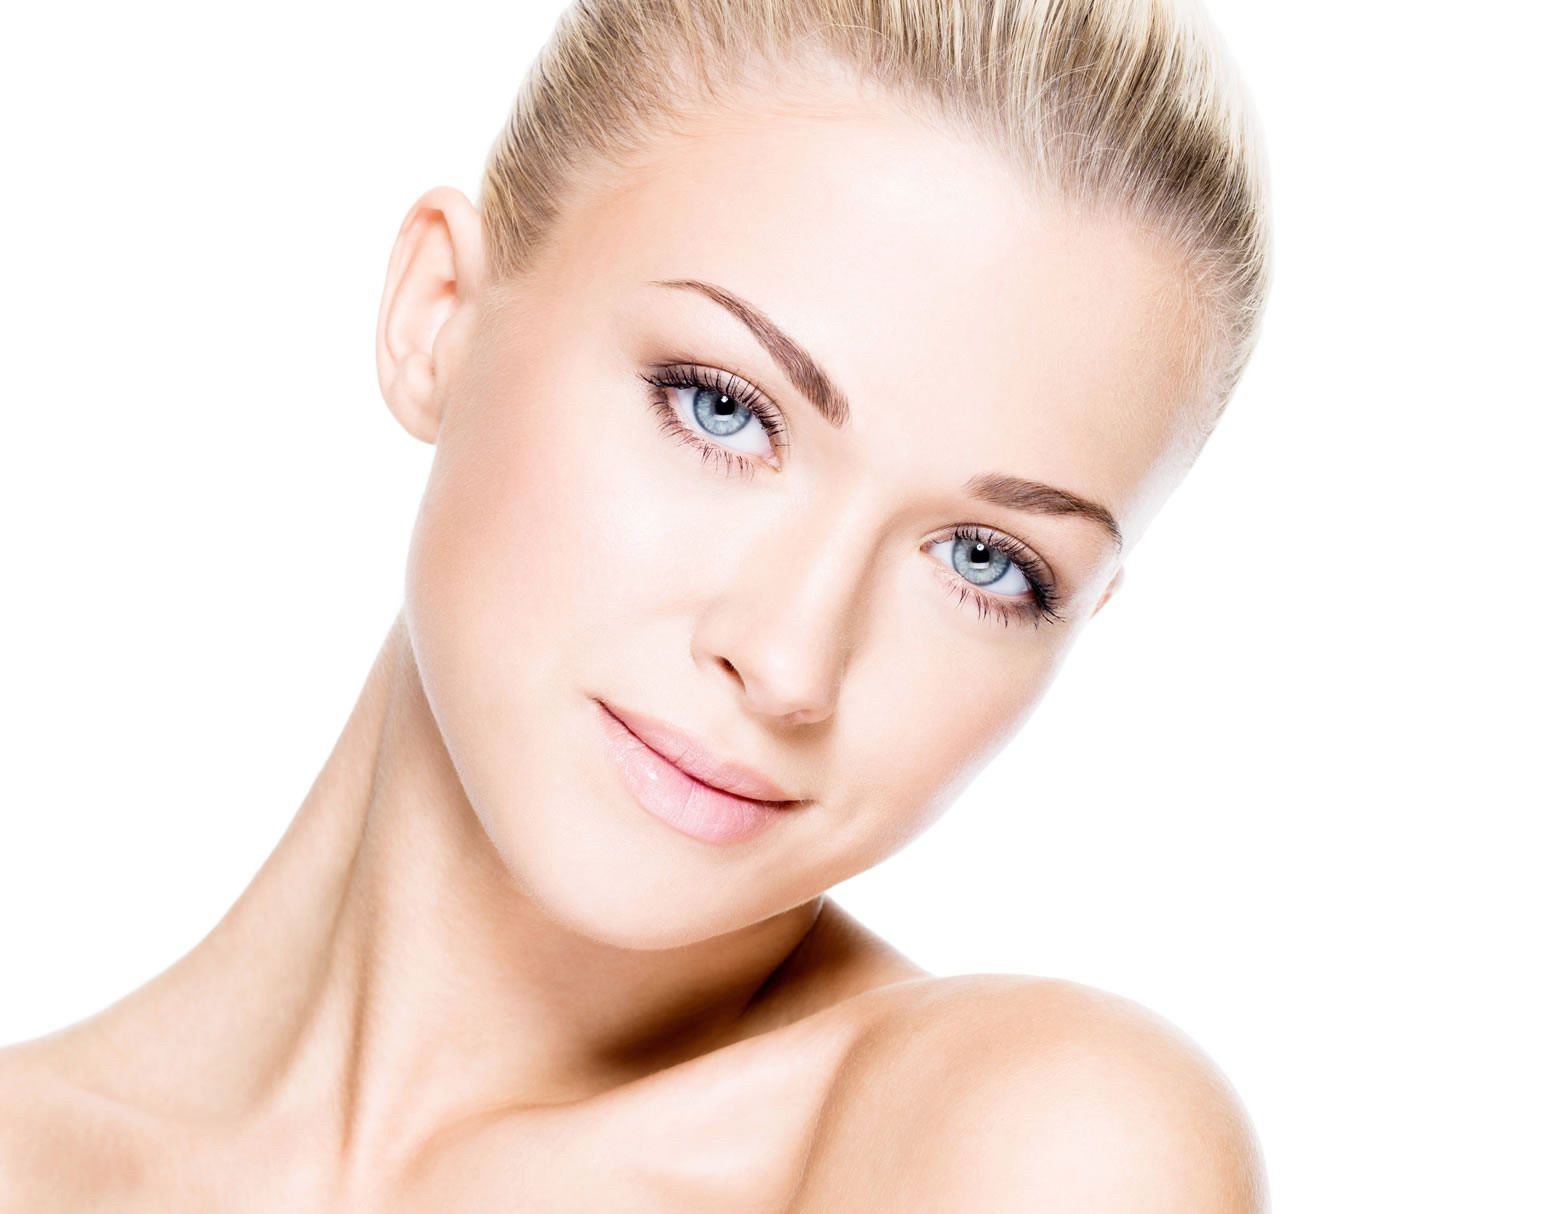 Косметология операции от ведущих врачей-специалистов в области косметологии в ПМГМУ имени Сеченова.